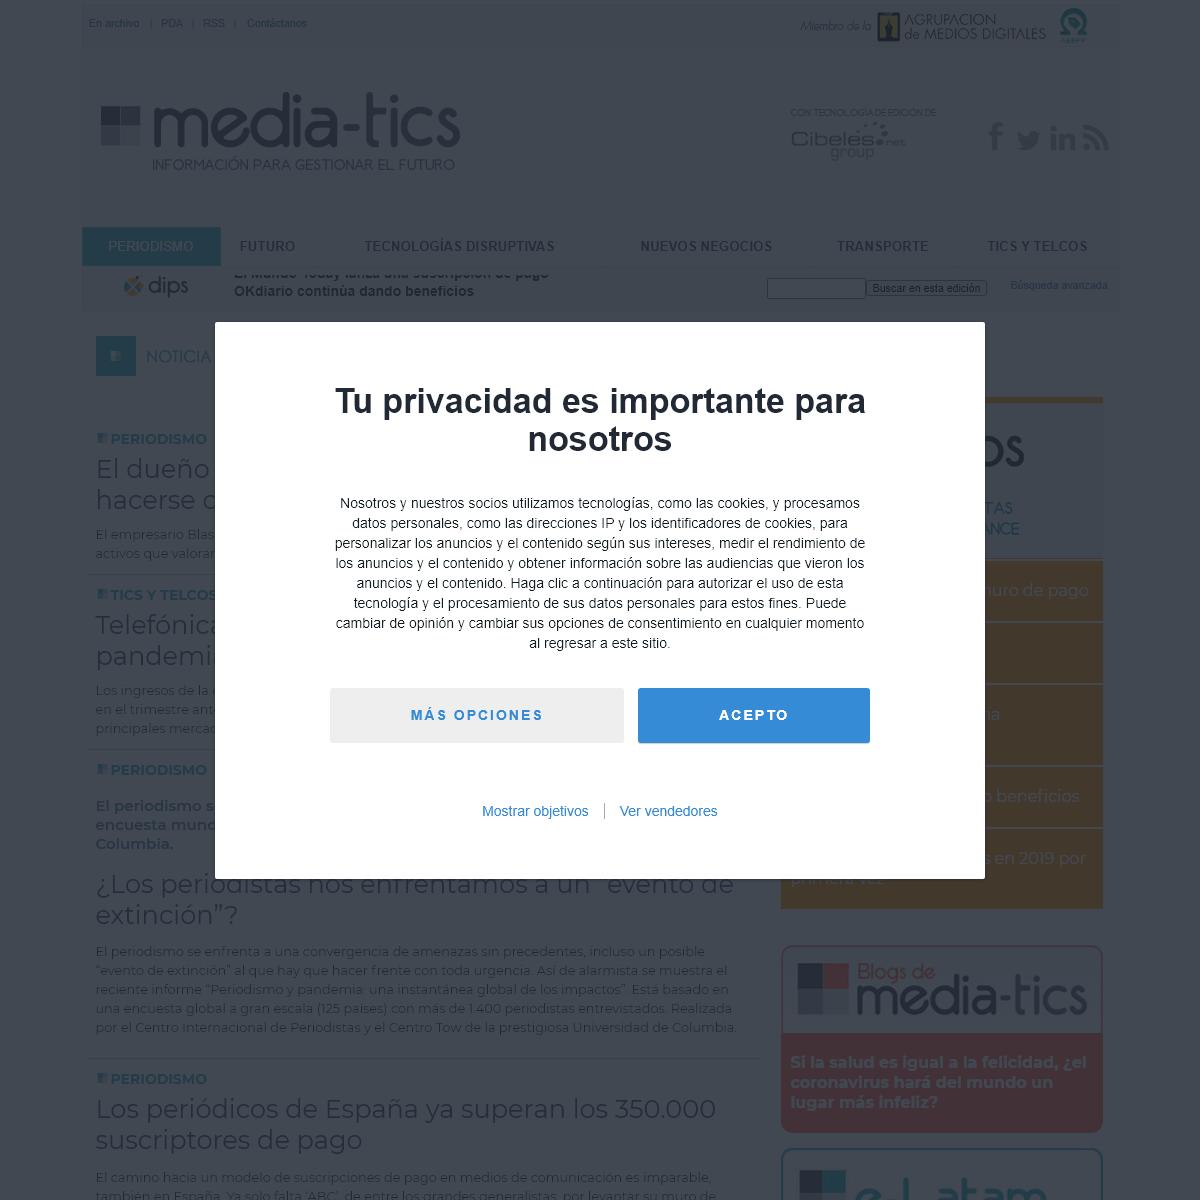 media-tics.com - Información y comunicación en la era digital